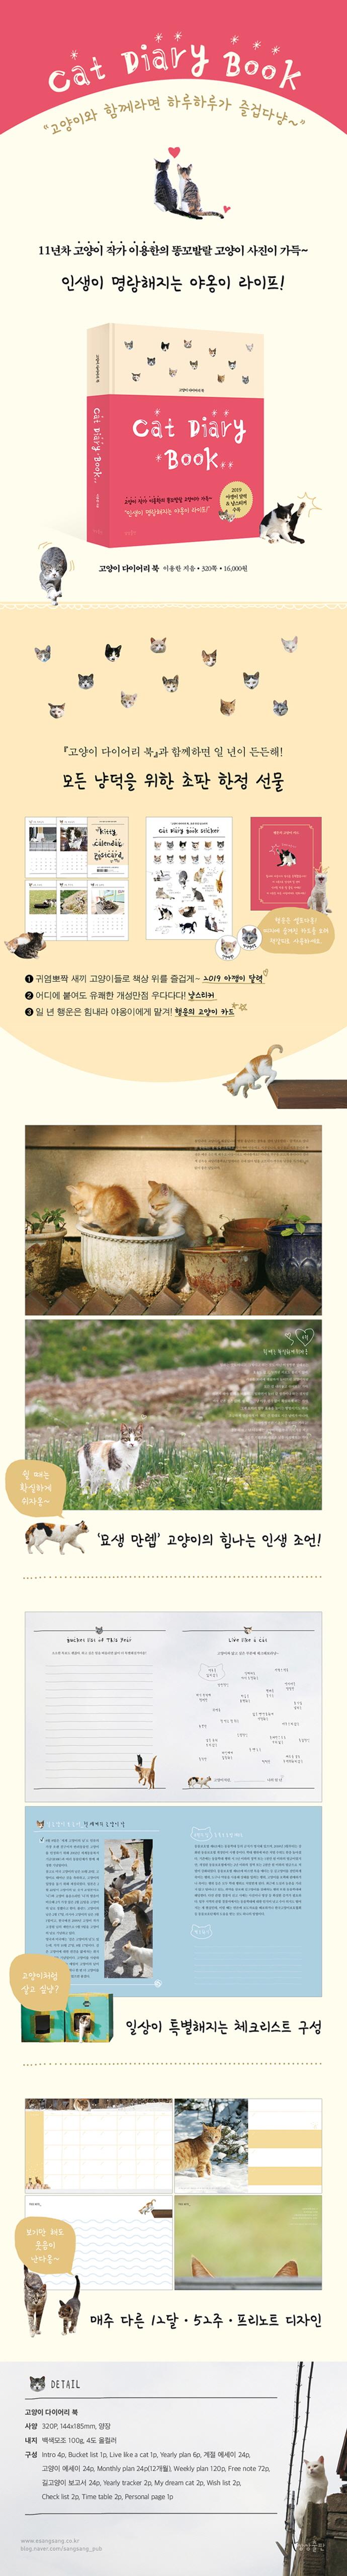 고양이 다이어리 북(Cat Diary Book)(양장본 HardCover) 도서 상세이미지